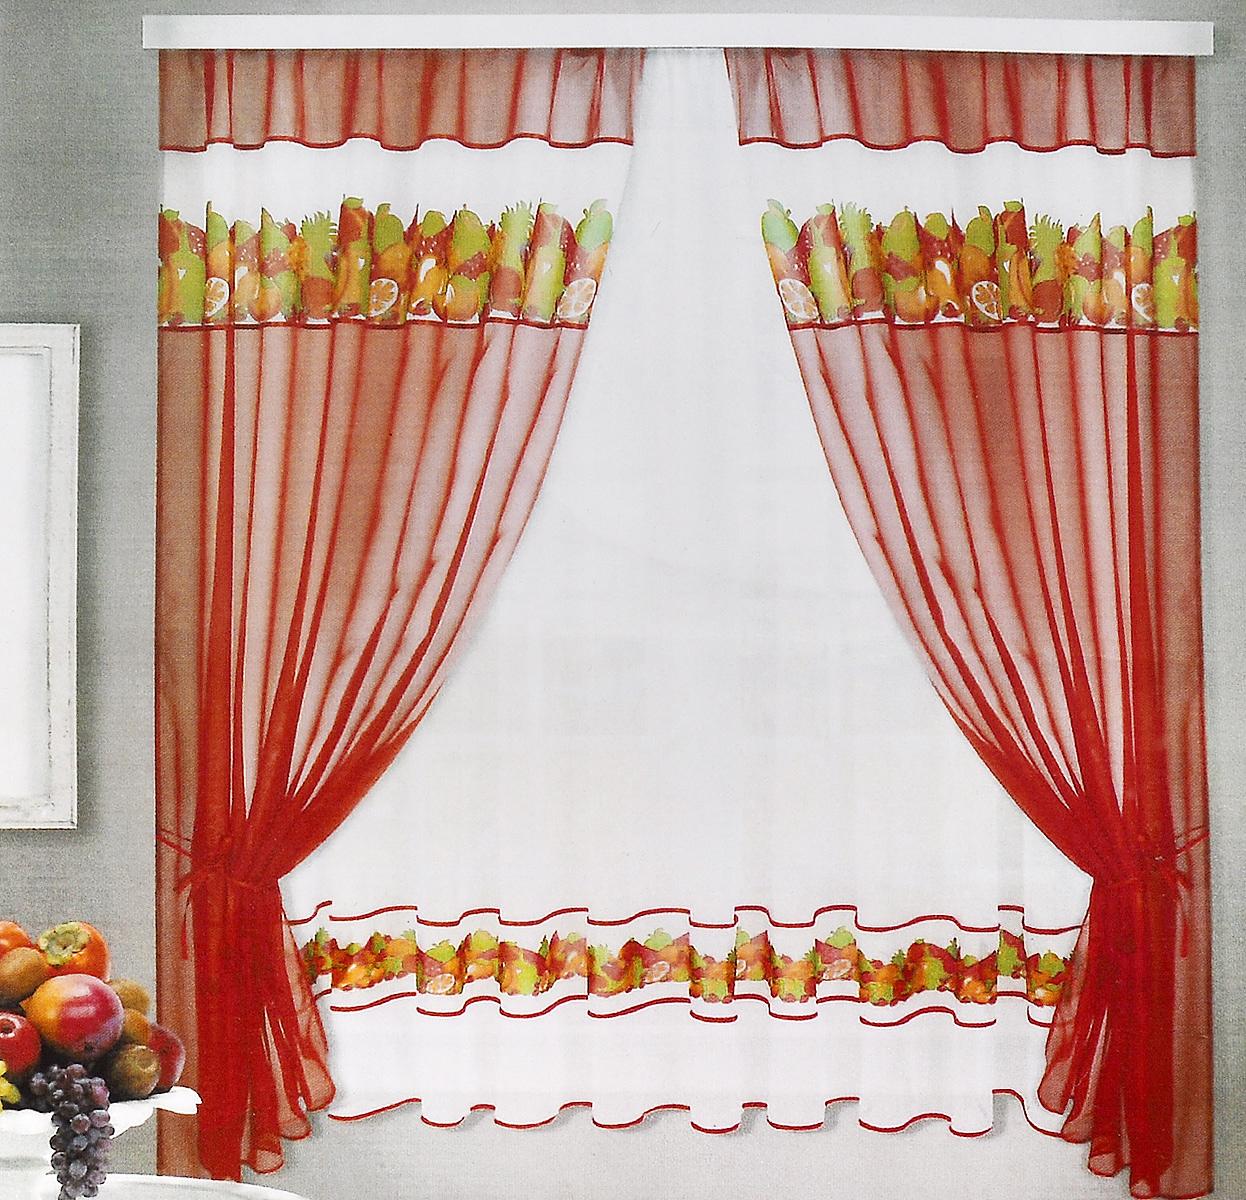 Комплект штор для кухни ТД Текстиль Фруктовая поляна, на ленте, цвет: бордовый, белый, 5 предметов1110118Комплект штор для кухни ТД Текстиль Фруктовая поляна, выполненный из вуалевого полотна (100% полиэстер), великолепно украсит любое окно. Комплект состоит из тюля, двух штор и двух подхватов. Оригинальный дизайн и яркая цветовая гамма привлекут к себе внимание и органично впишутся в интерьер помещения.Комплект крепится на карниз при помощи ленты, которая поможет красиво и равномерно задрапировать верх. Комплект будет долгое время радовать вас и вашу семью!